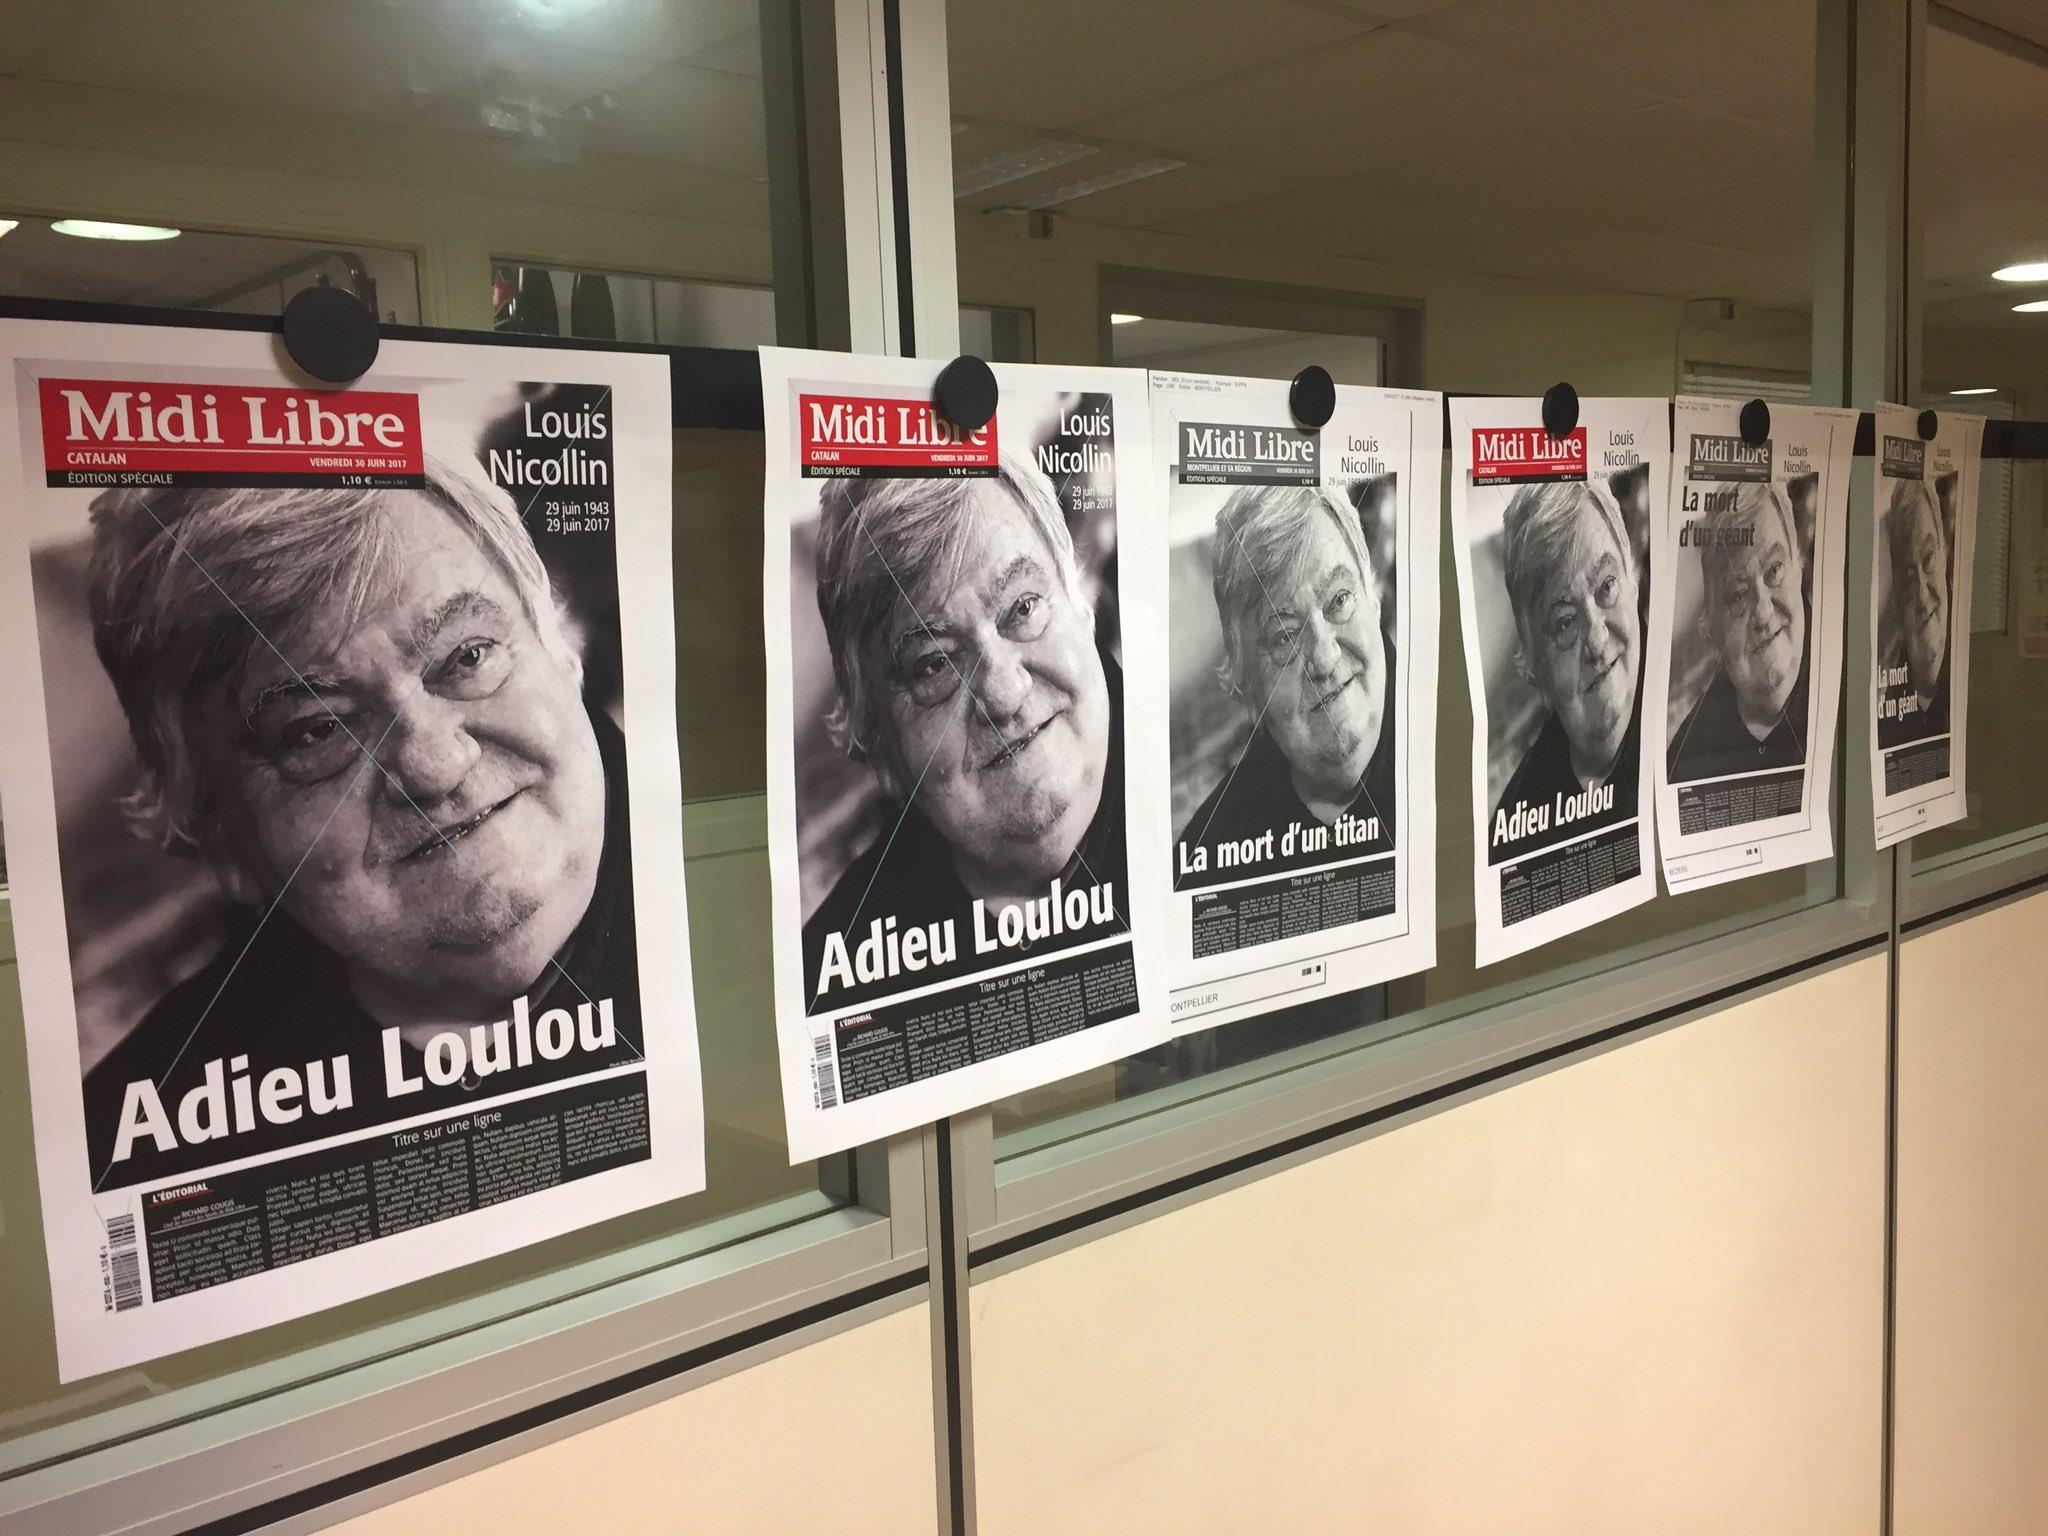 #Football Mort de Louis Nicollin - Midi Libre publie une édition spéciale de 8 pages vendredi 30 juin. https://t.co/VDUaI3rbmX